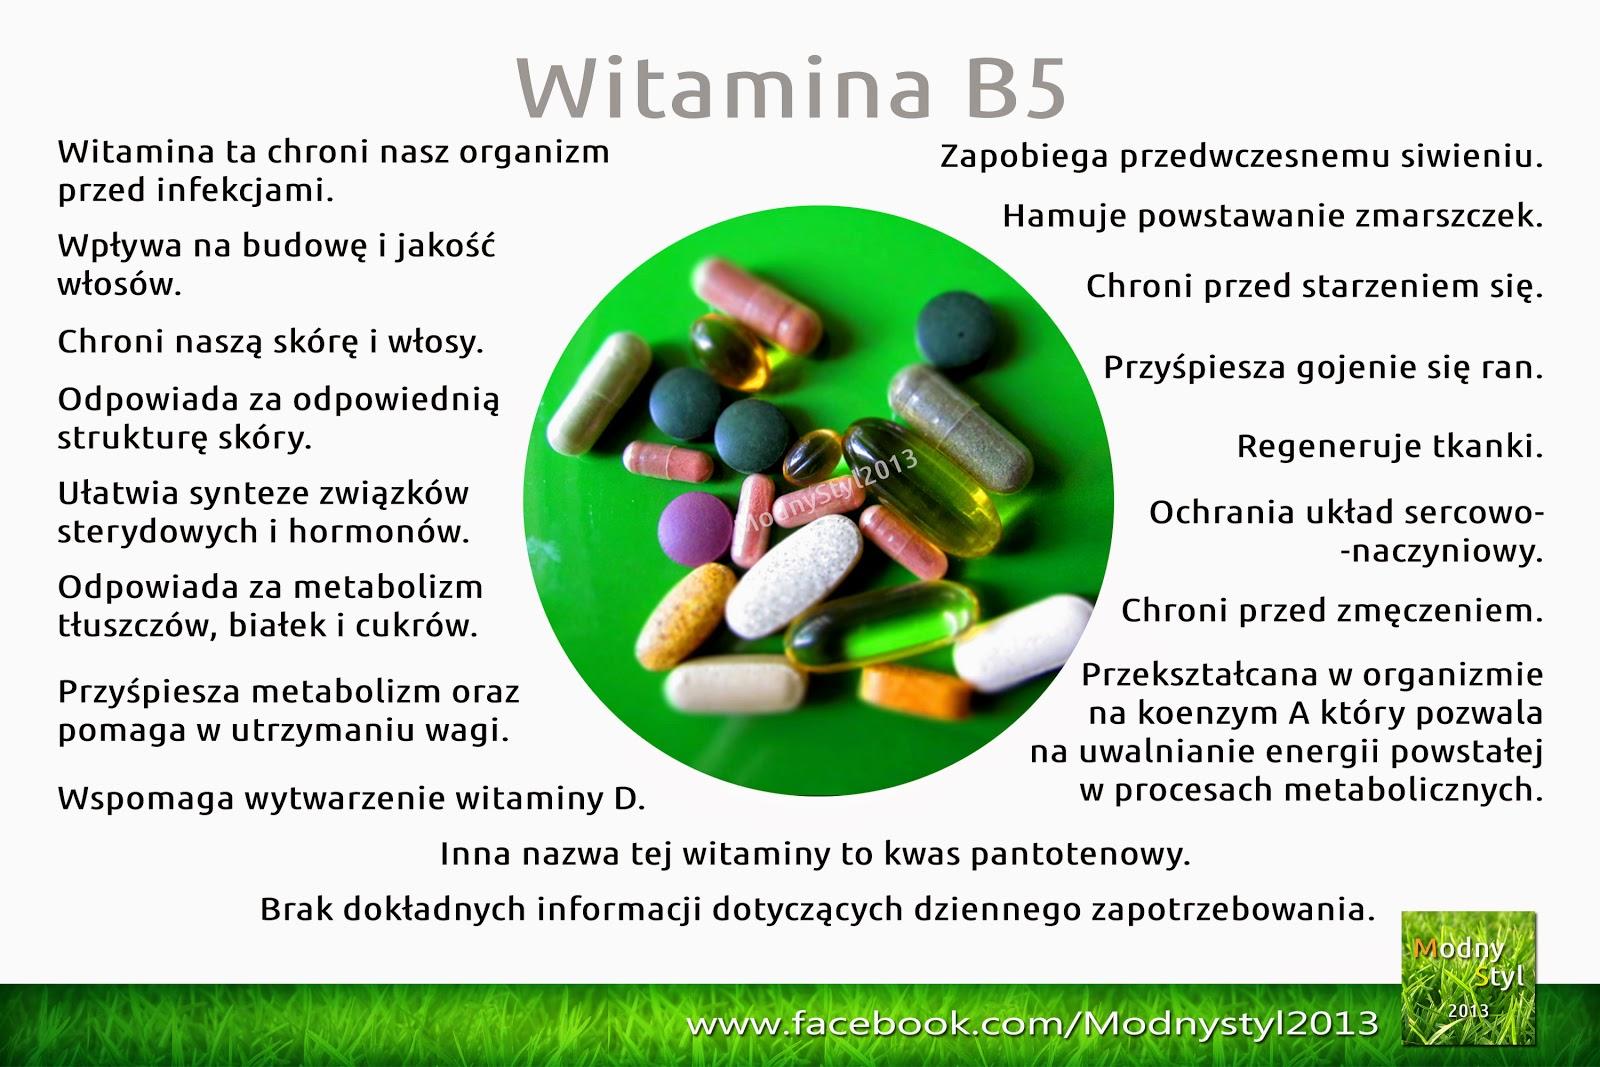 Witamina B5 zwana kwasem patotenowym